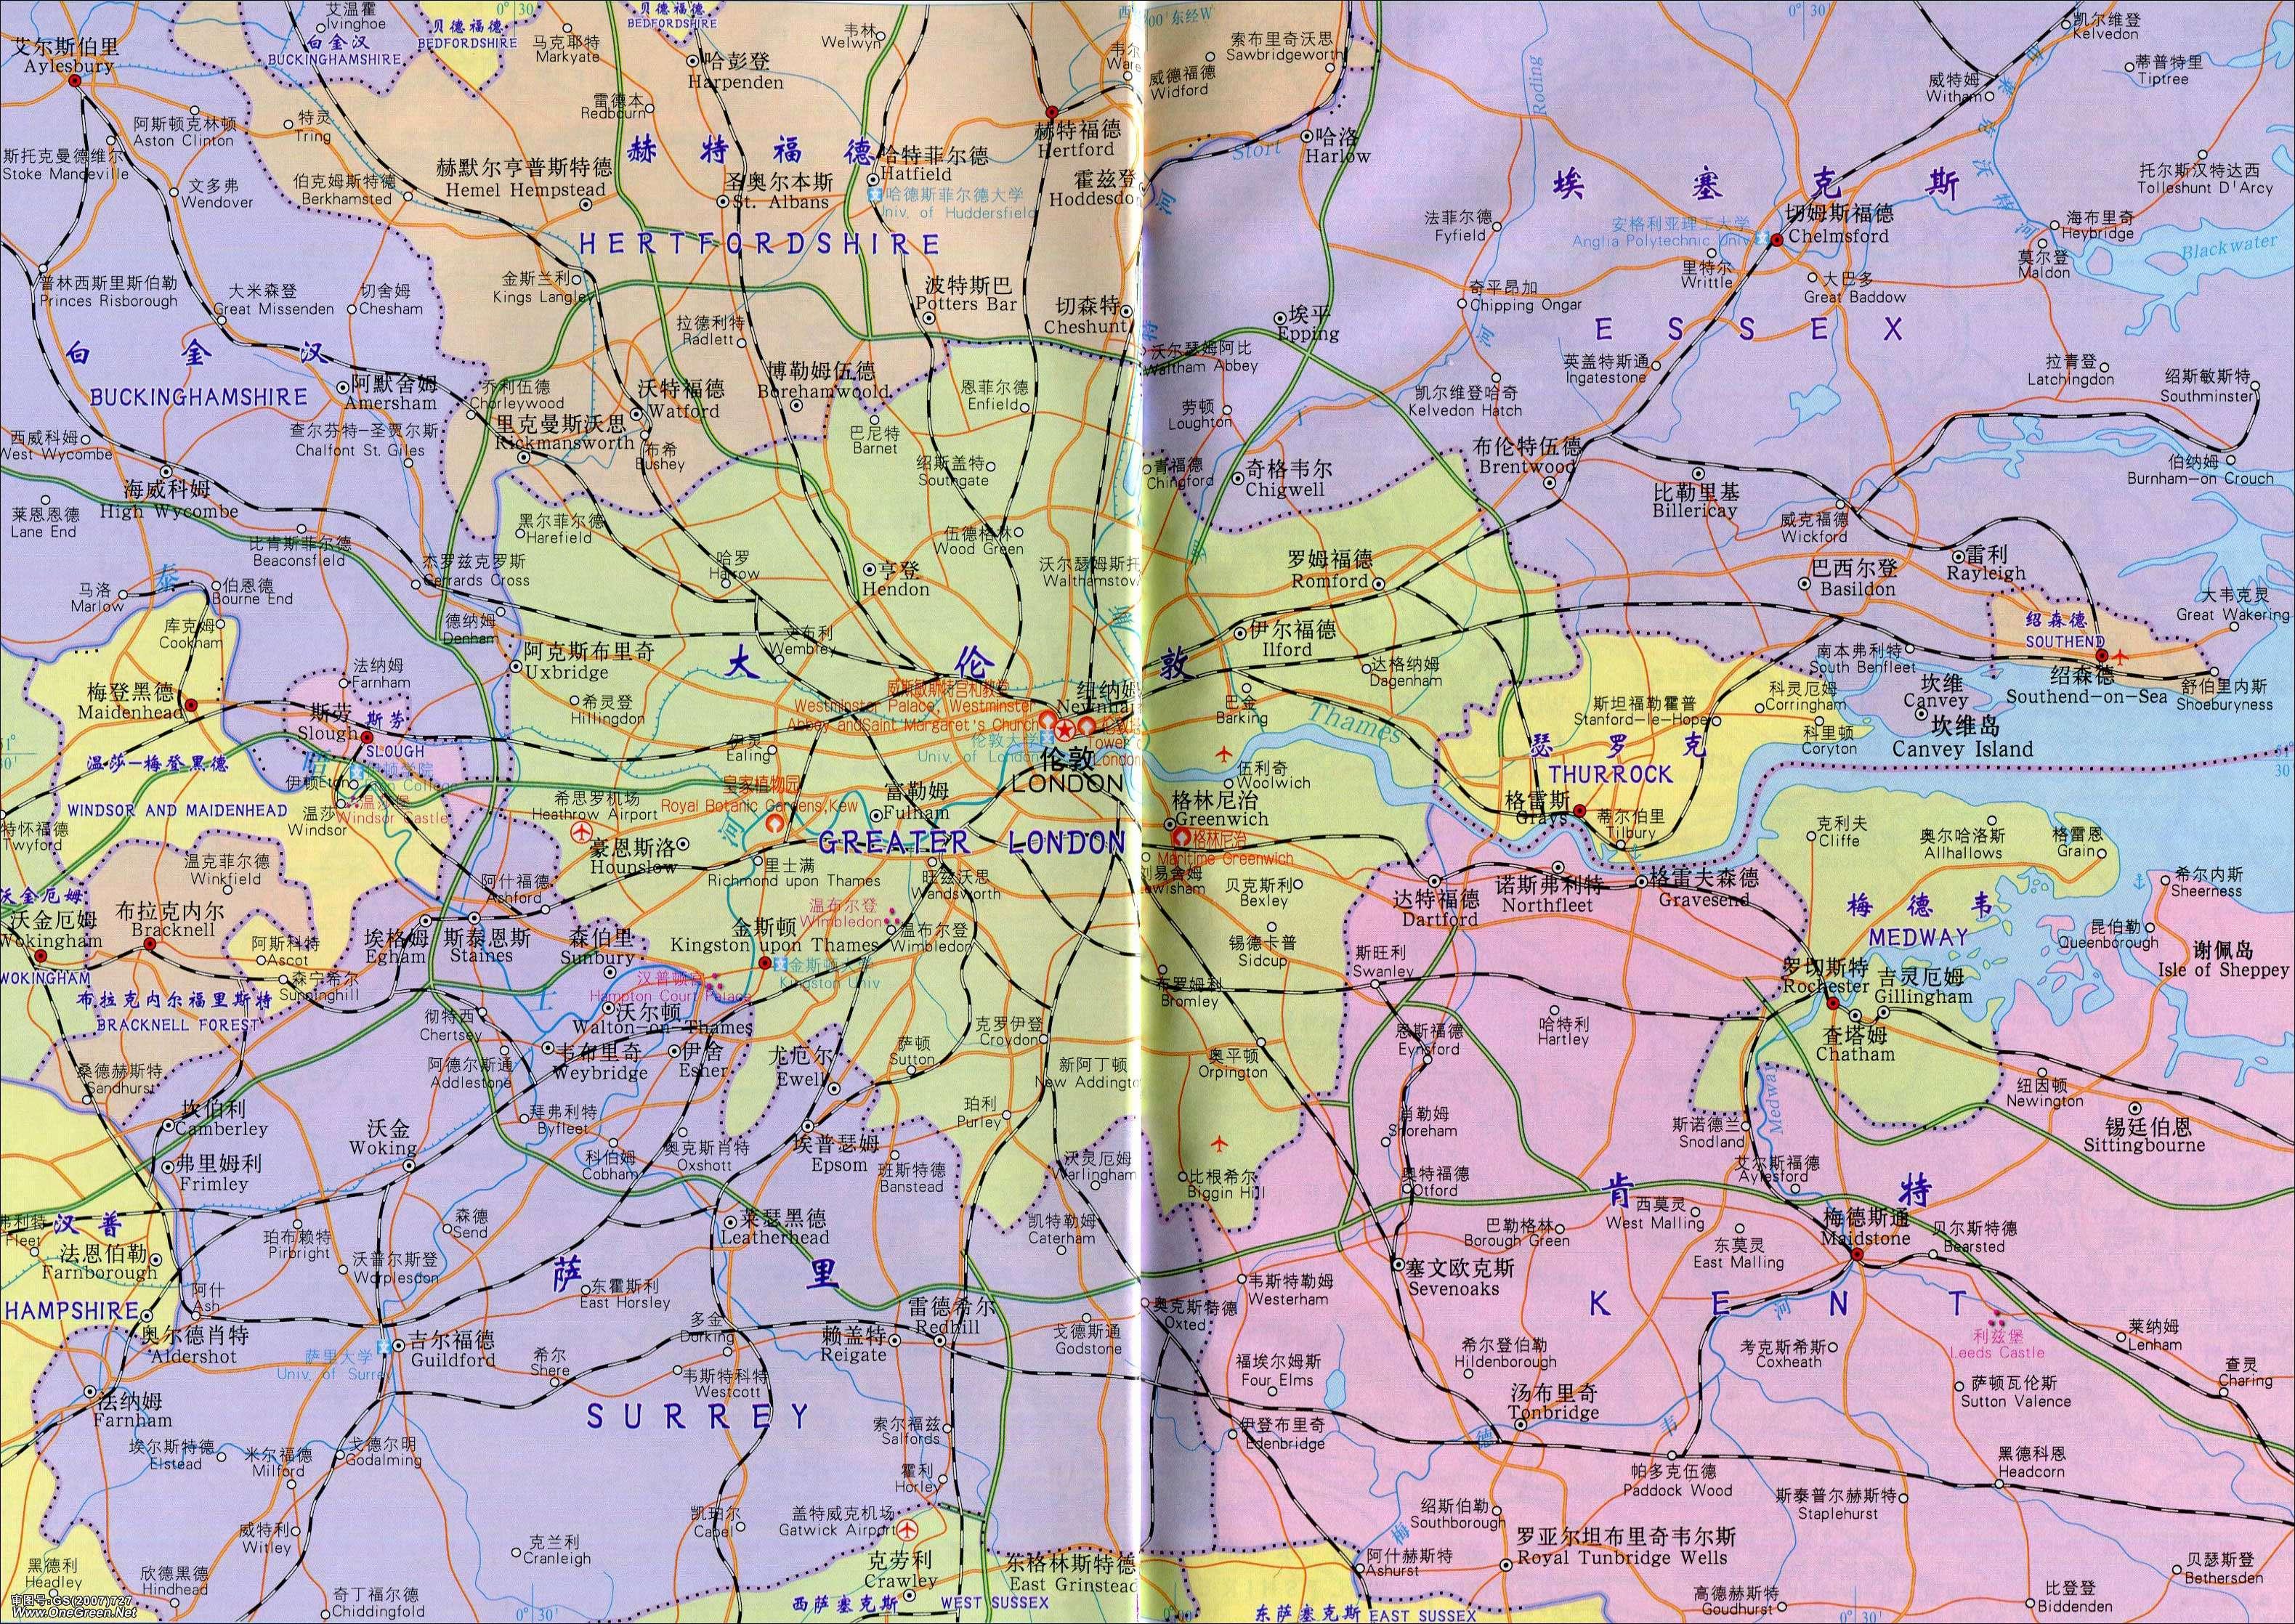 利物浦_曼彻斯特地区地图